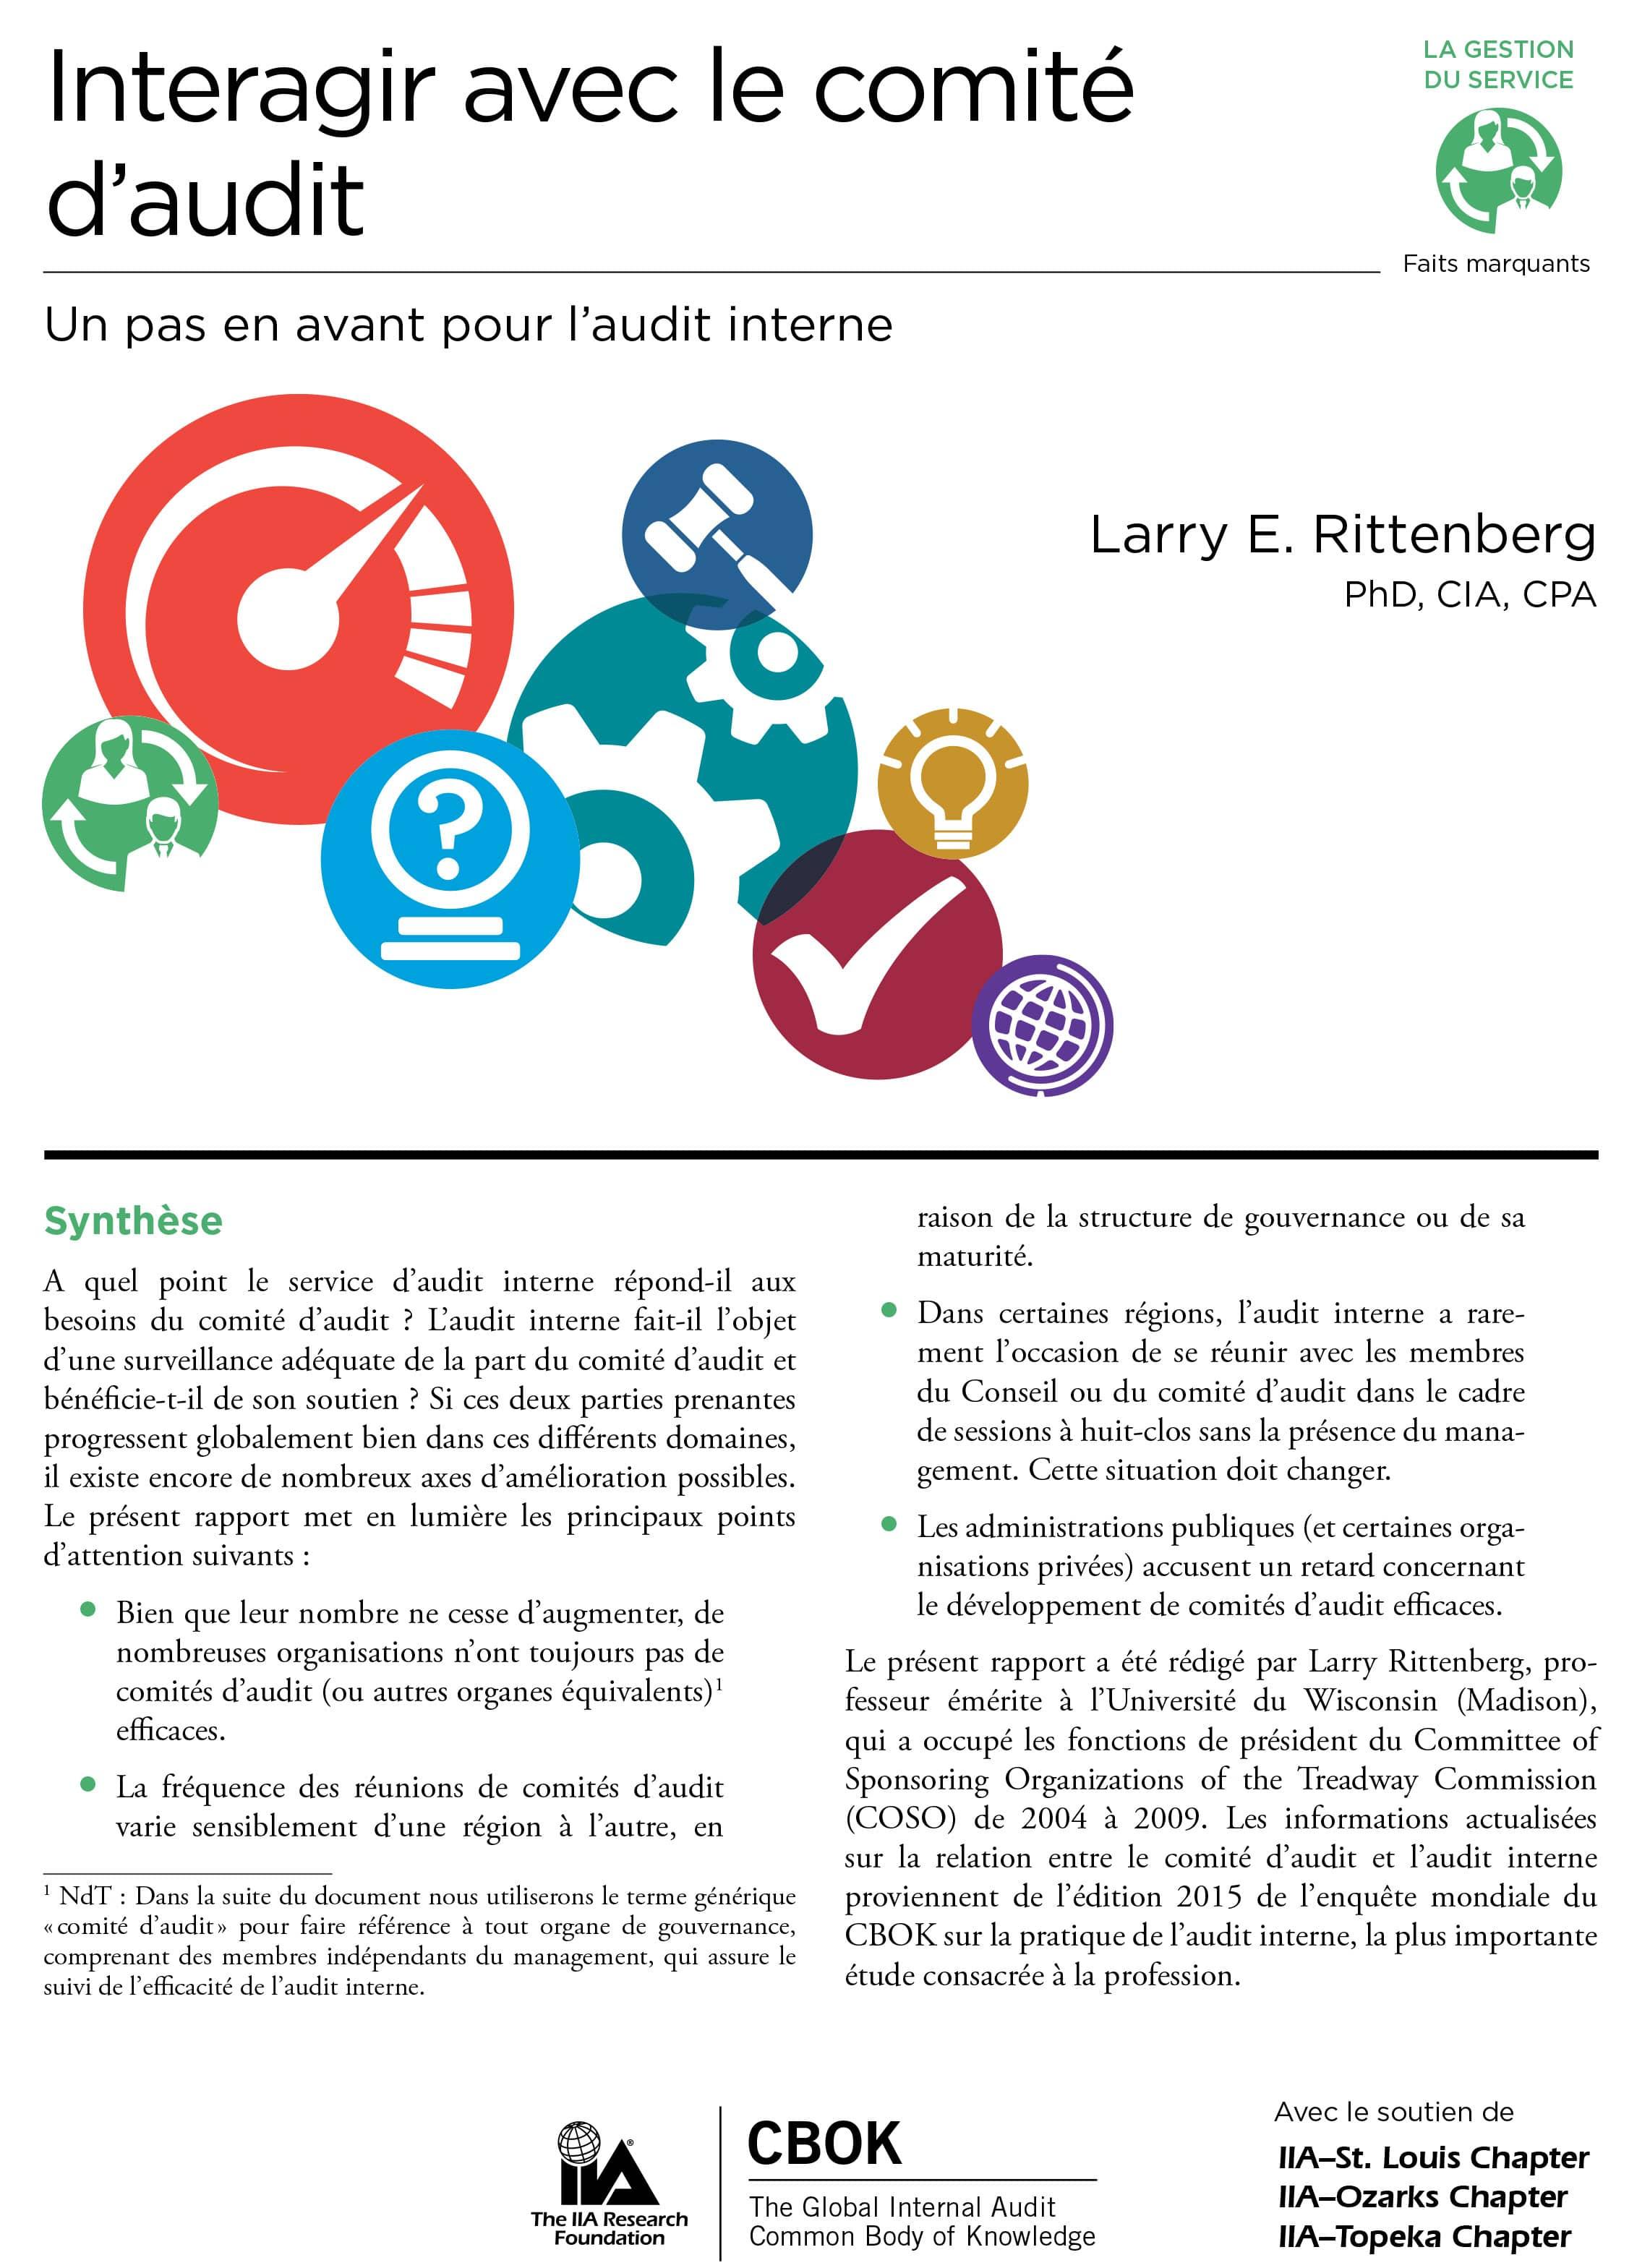 CBOK 2015 :Interagir avec le comité d'audit – Un pas en avant pour l'audit interne